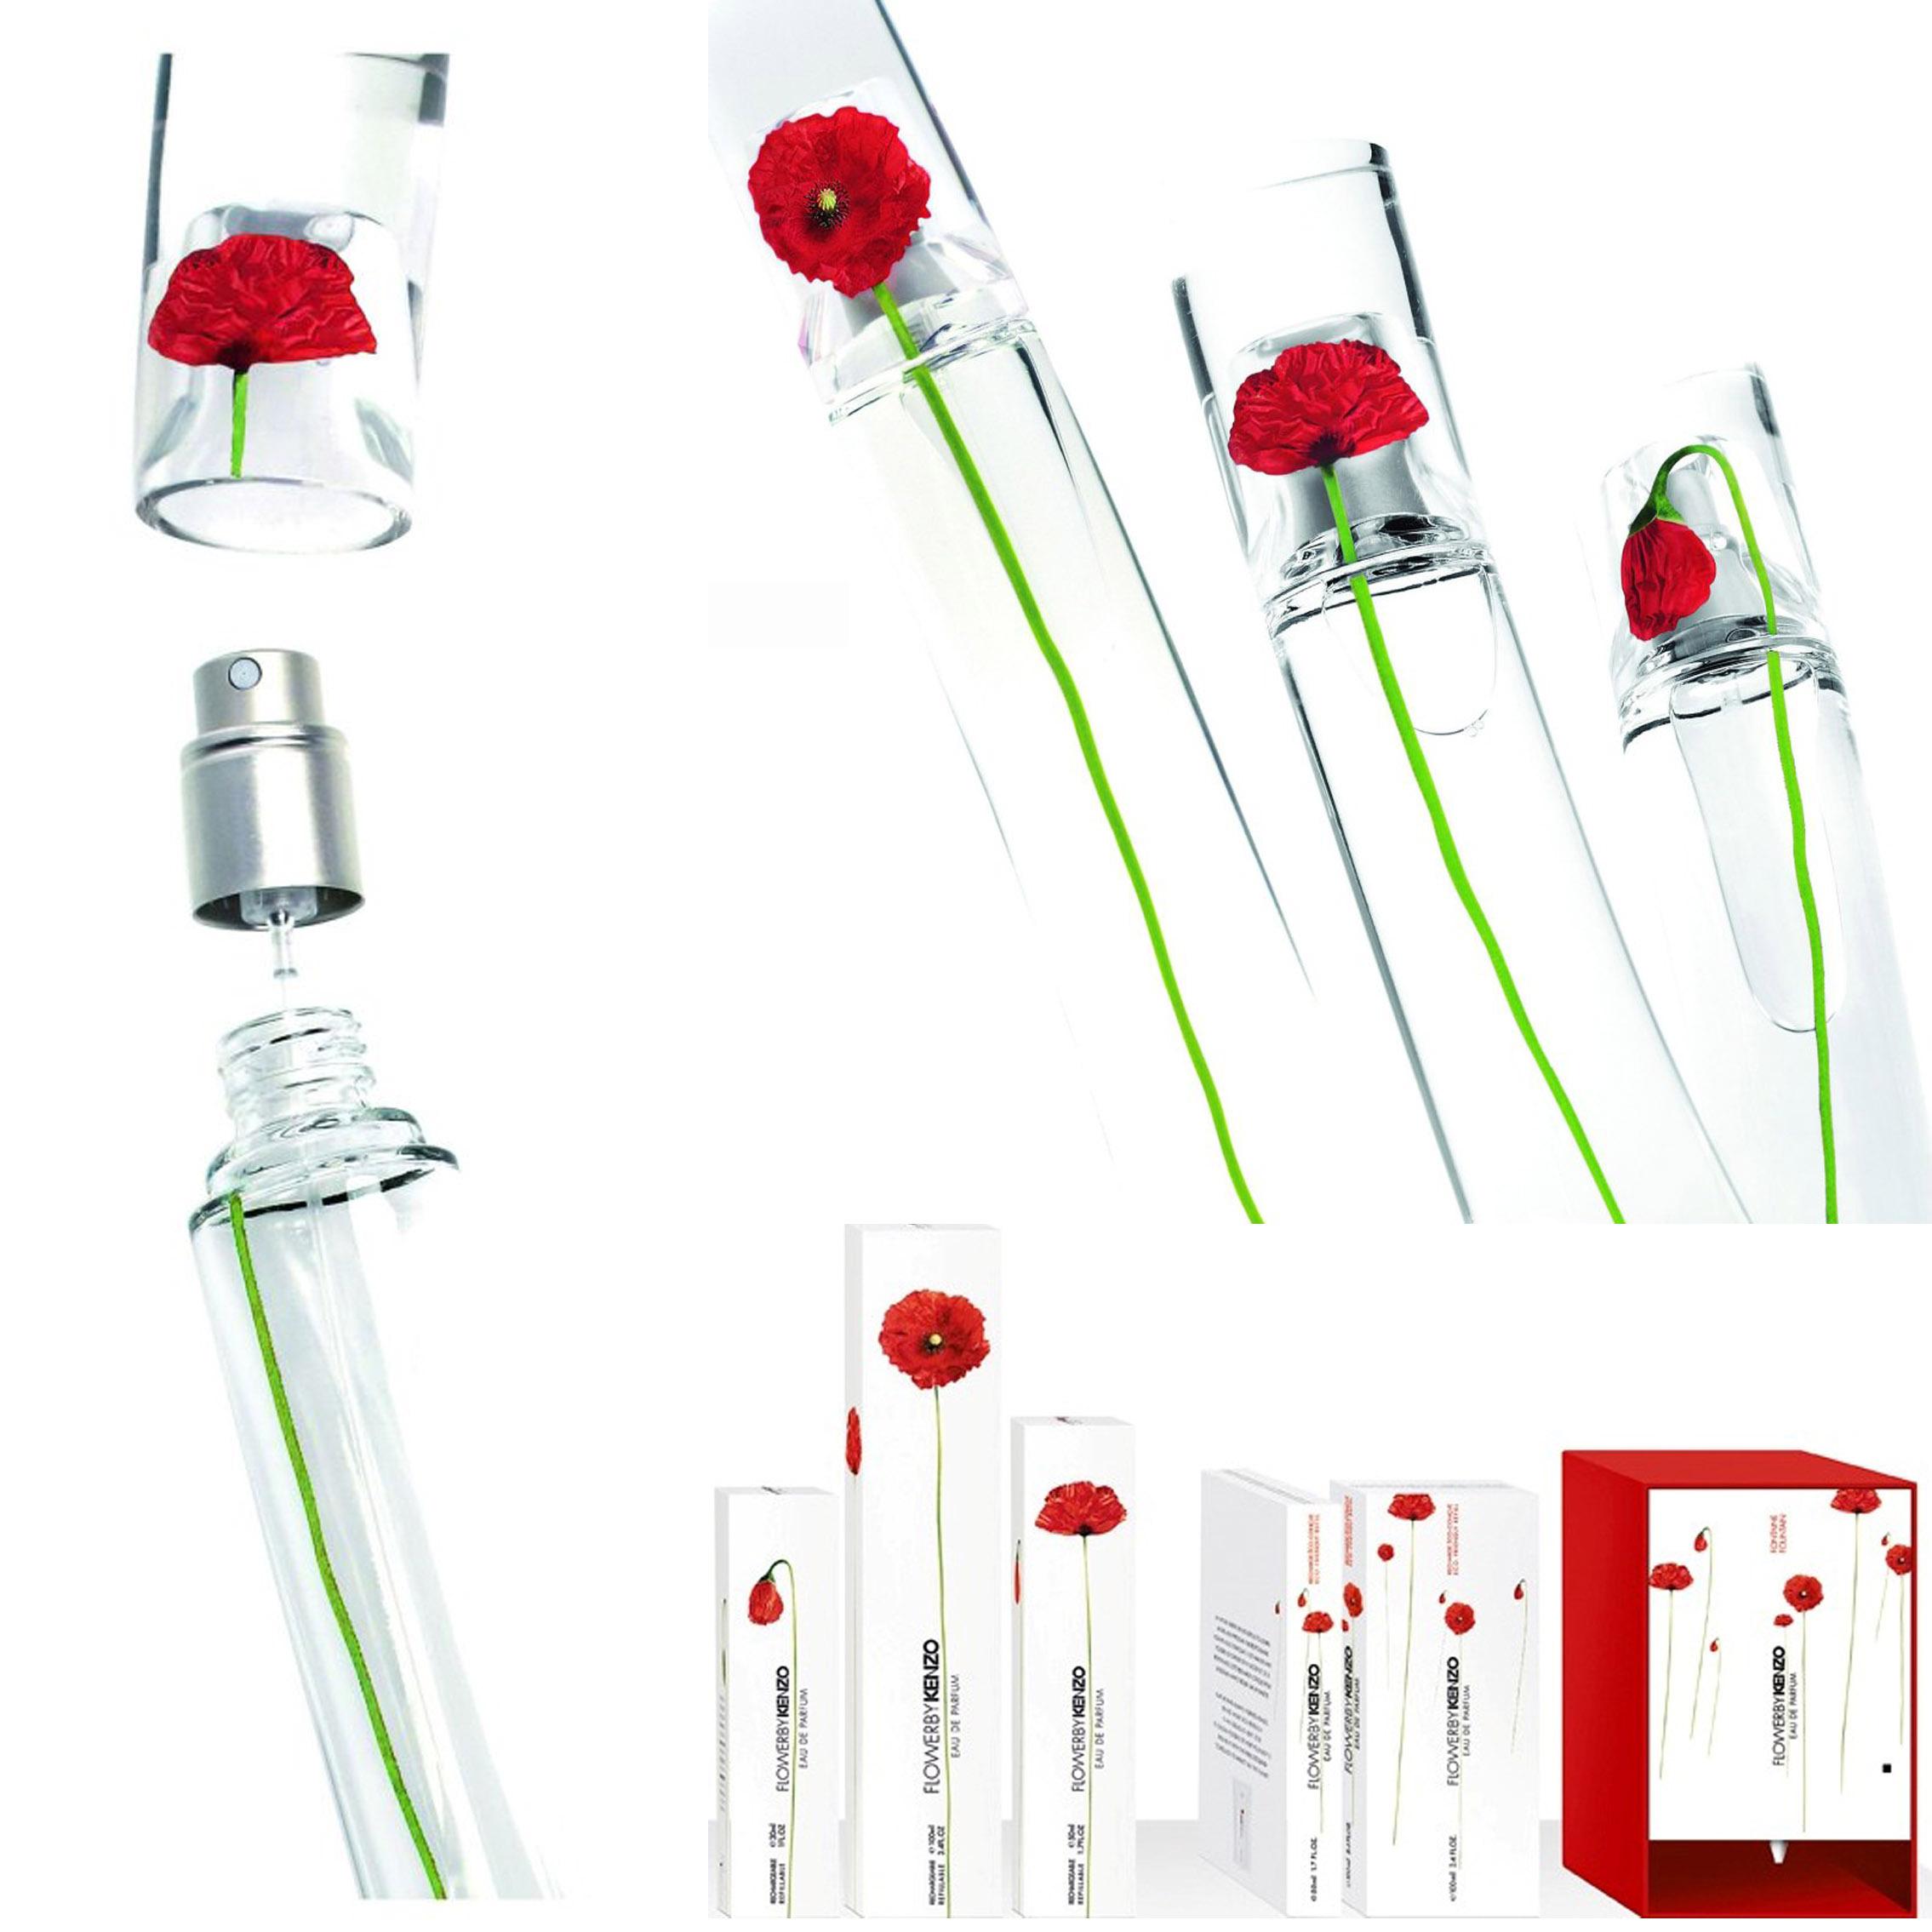 展开全部 30ml,50ml,100ml的一枝花的花朵是不一样的,花朵是在瓶盖